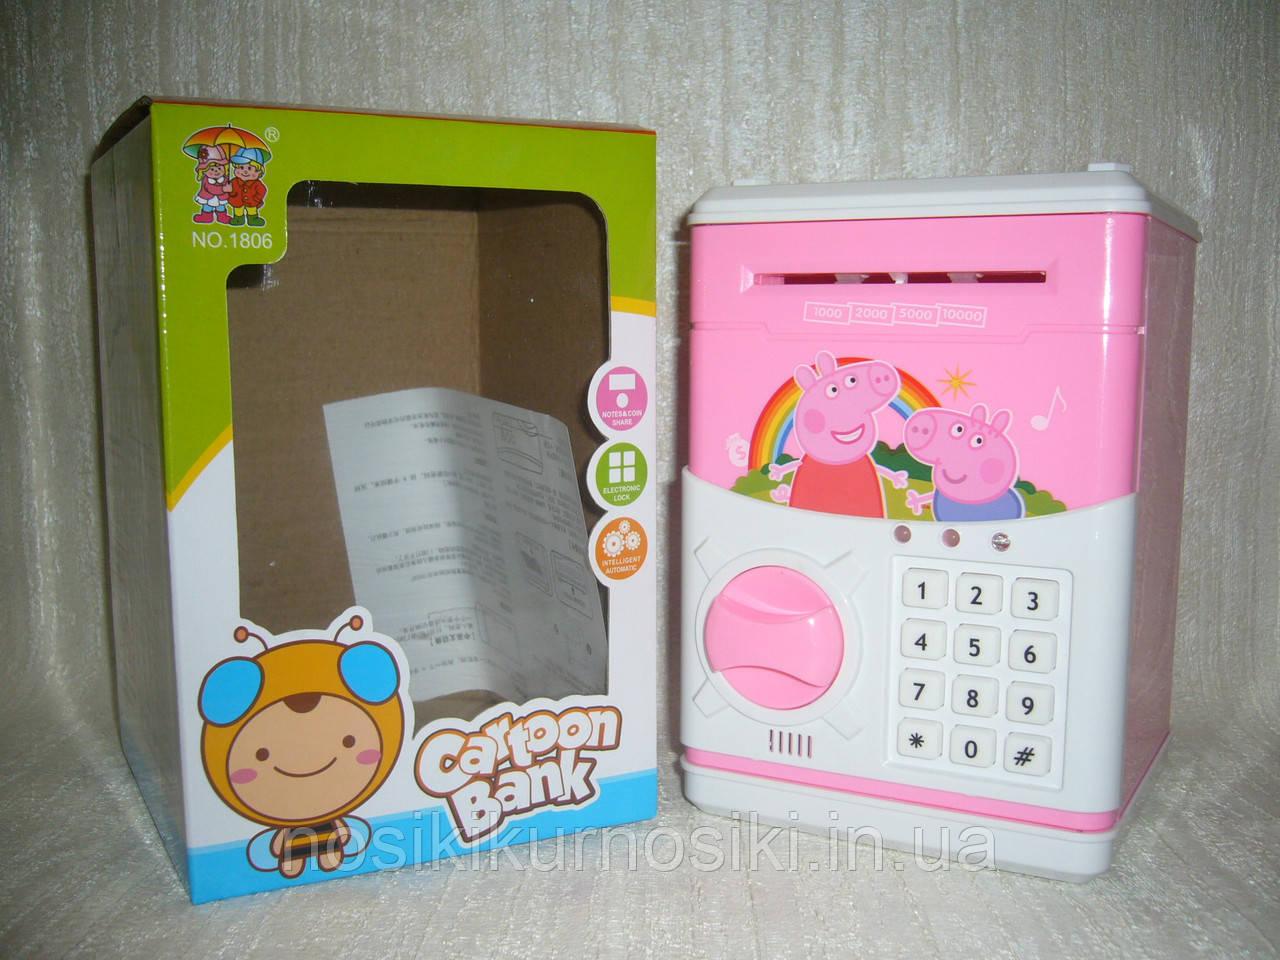 Детский сейф копилка с кодовым замком Пеппа